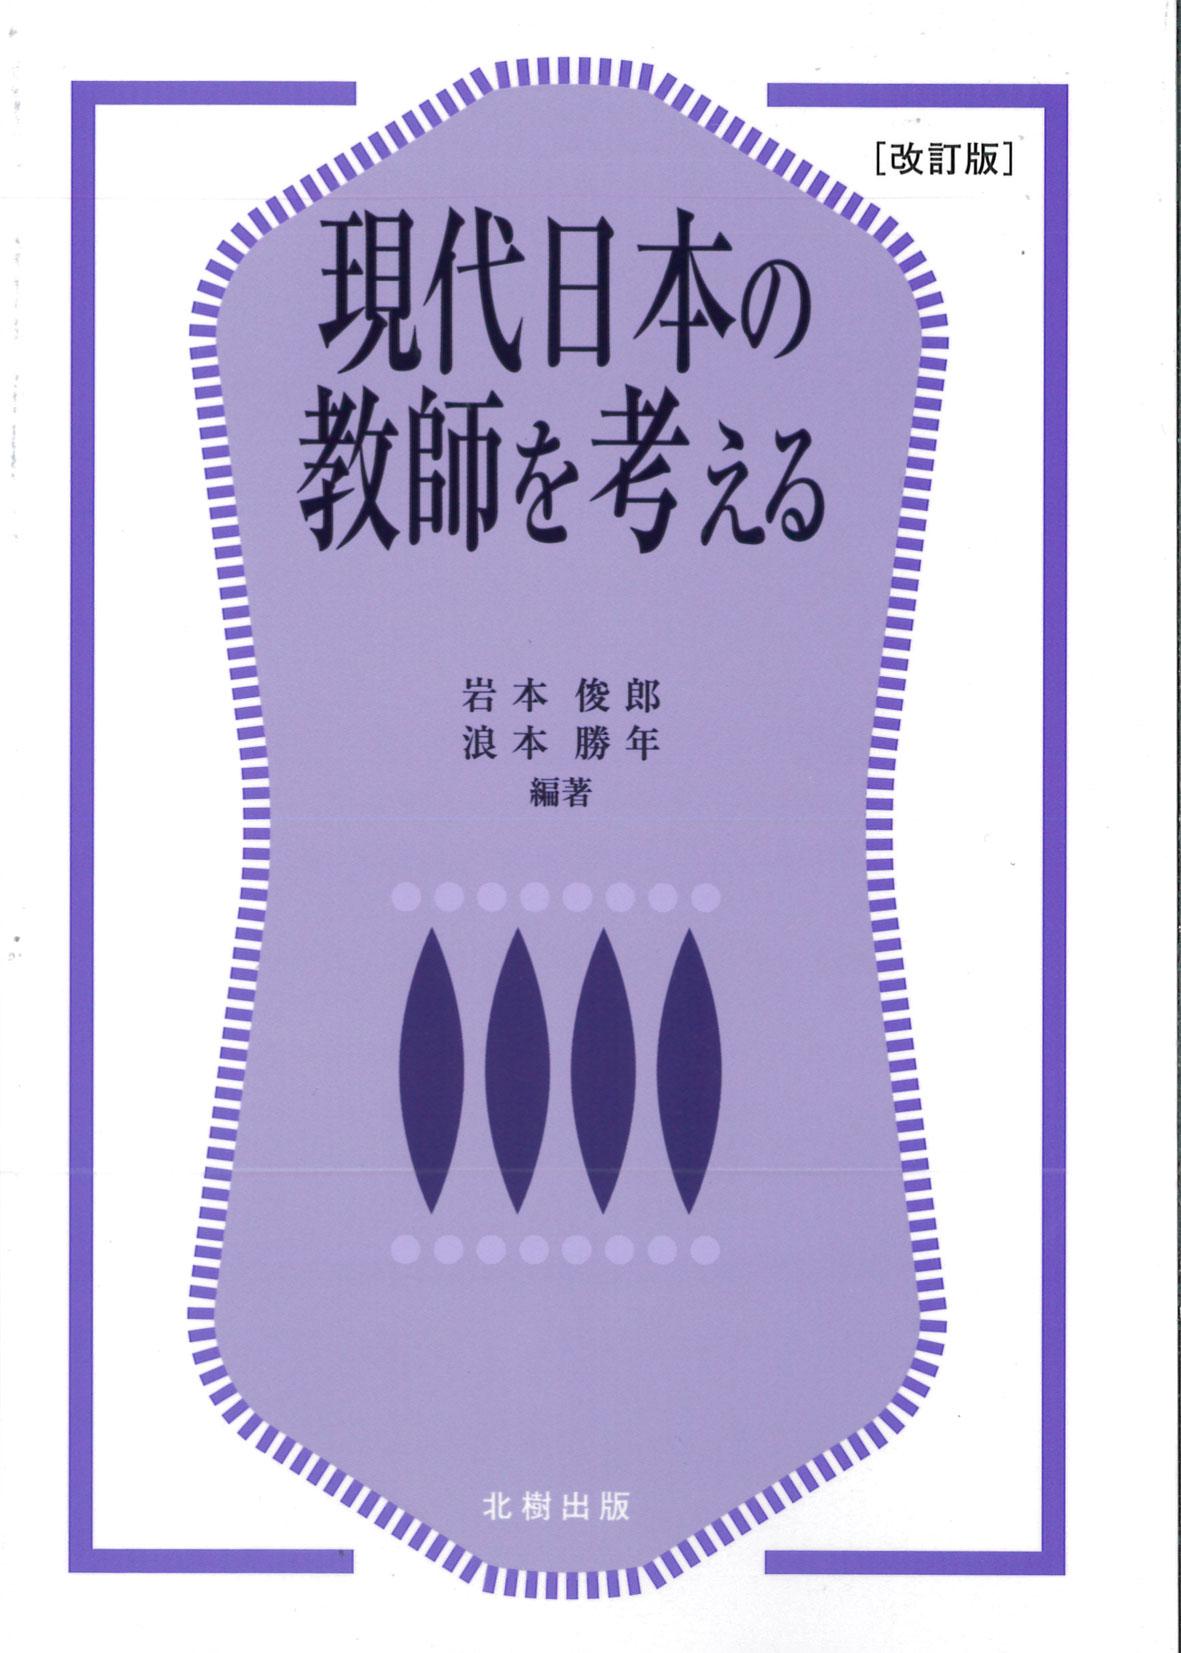 現代日本の教師を考える【改訂版】